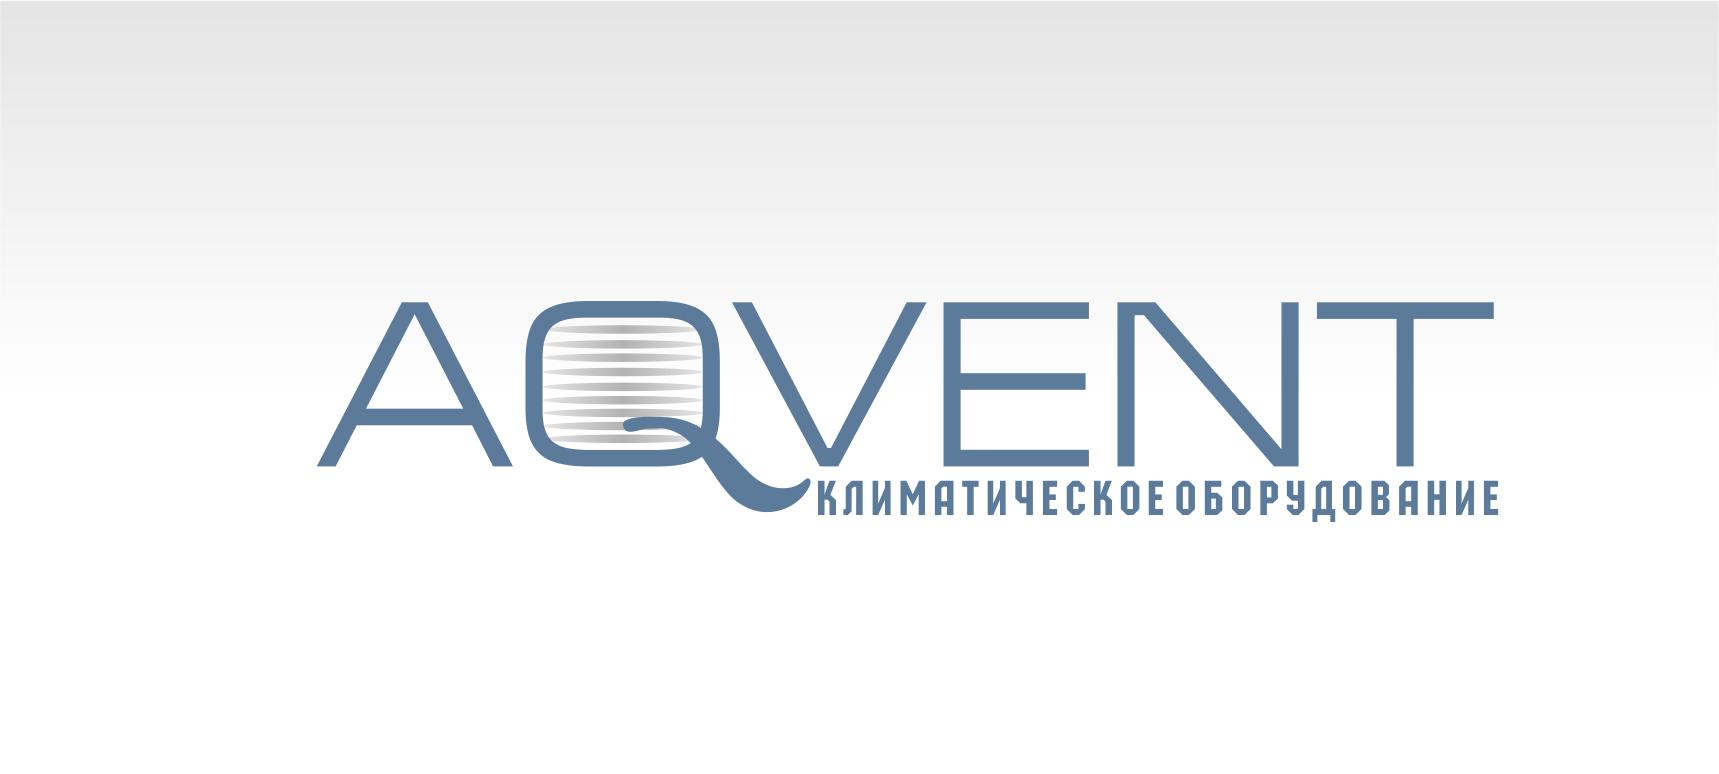 Логотип AQVENT фото f_079527f6498af6e2.jpg